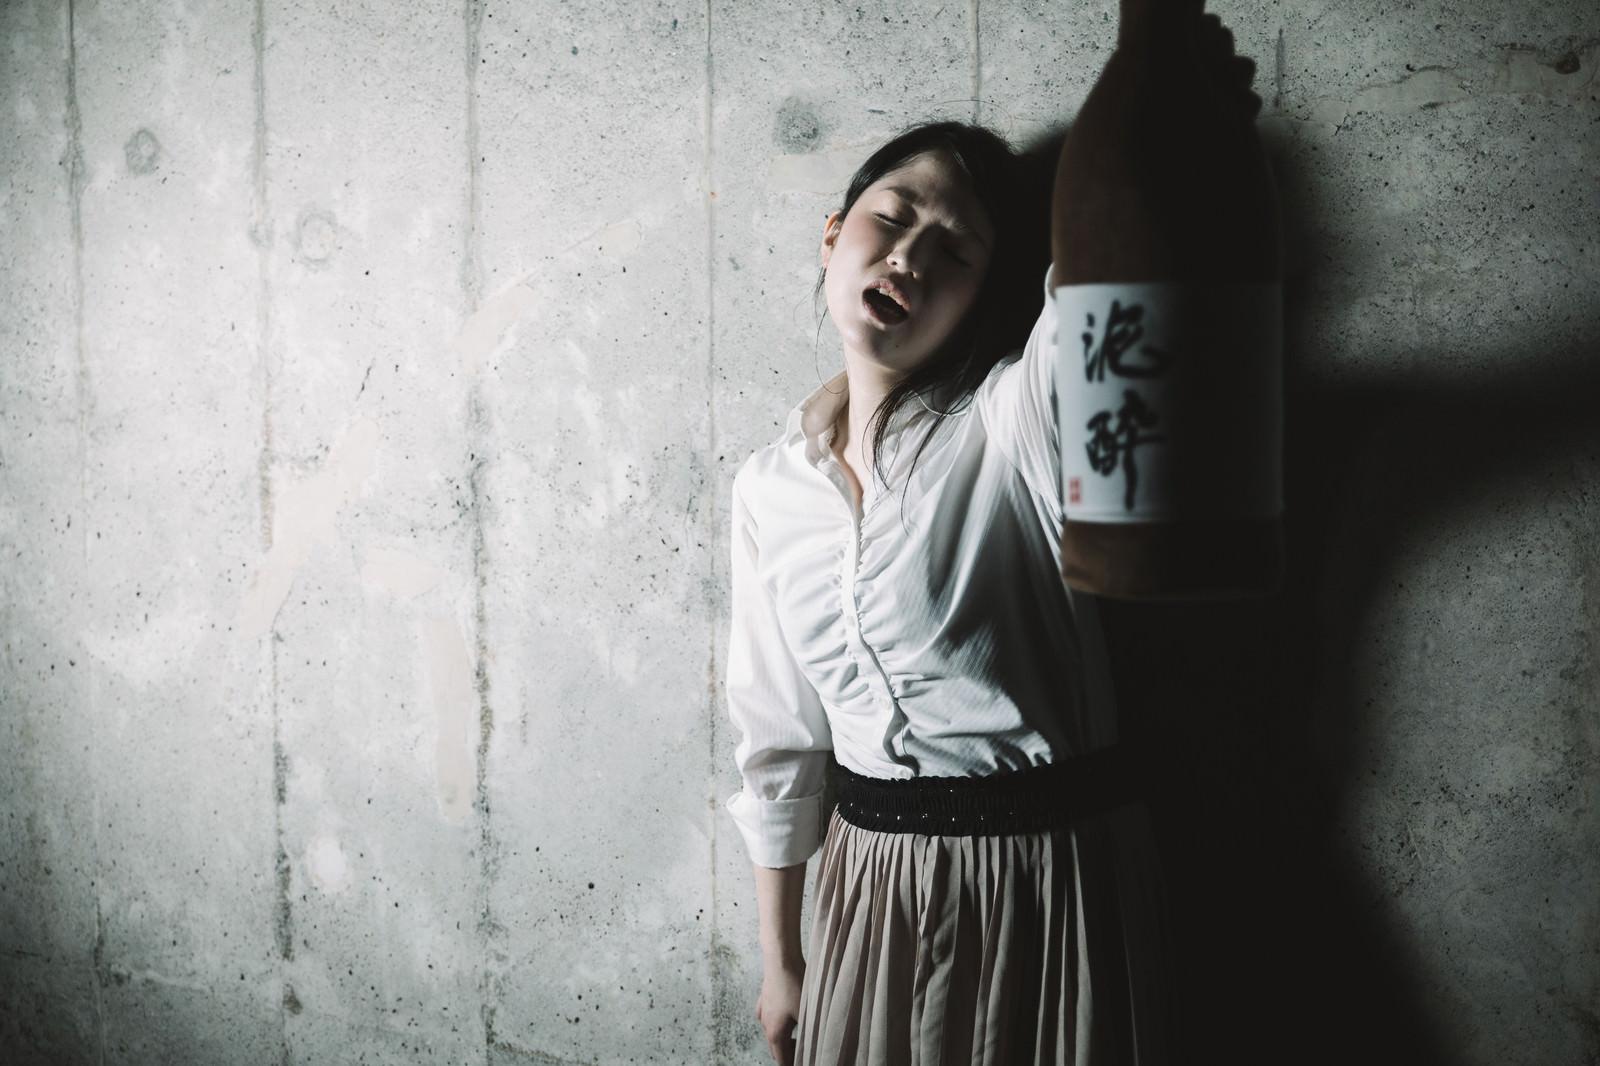 「意味不明な奇声を発する泥酔女子意味不明な奇声を発する泥酔女子」[モデル:シマヅ]のフリー写真素材を拡大